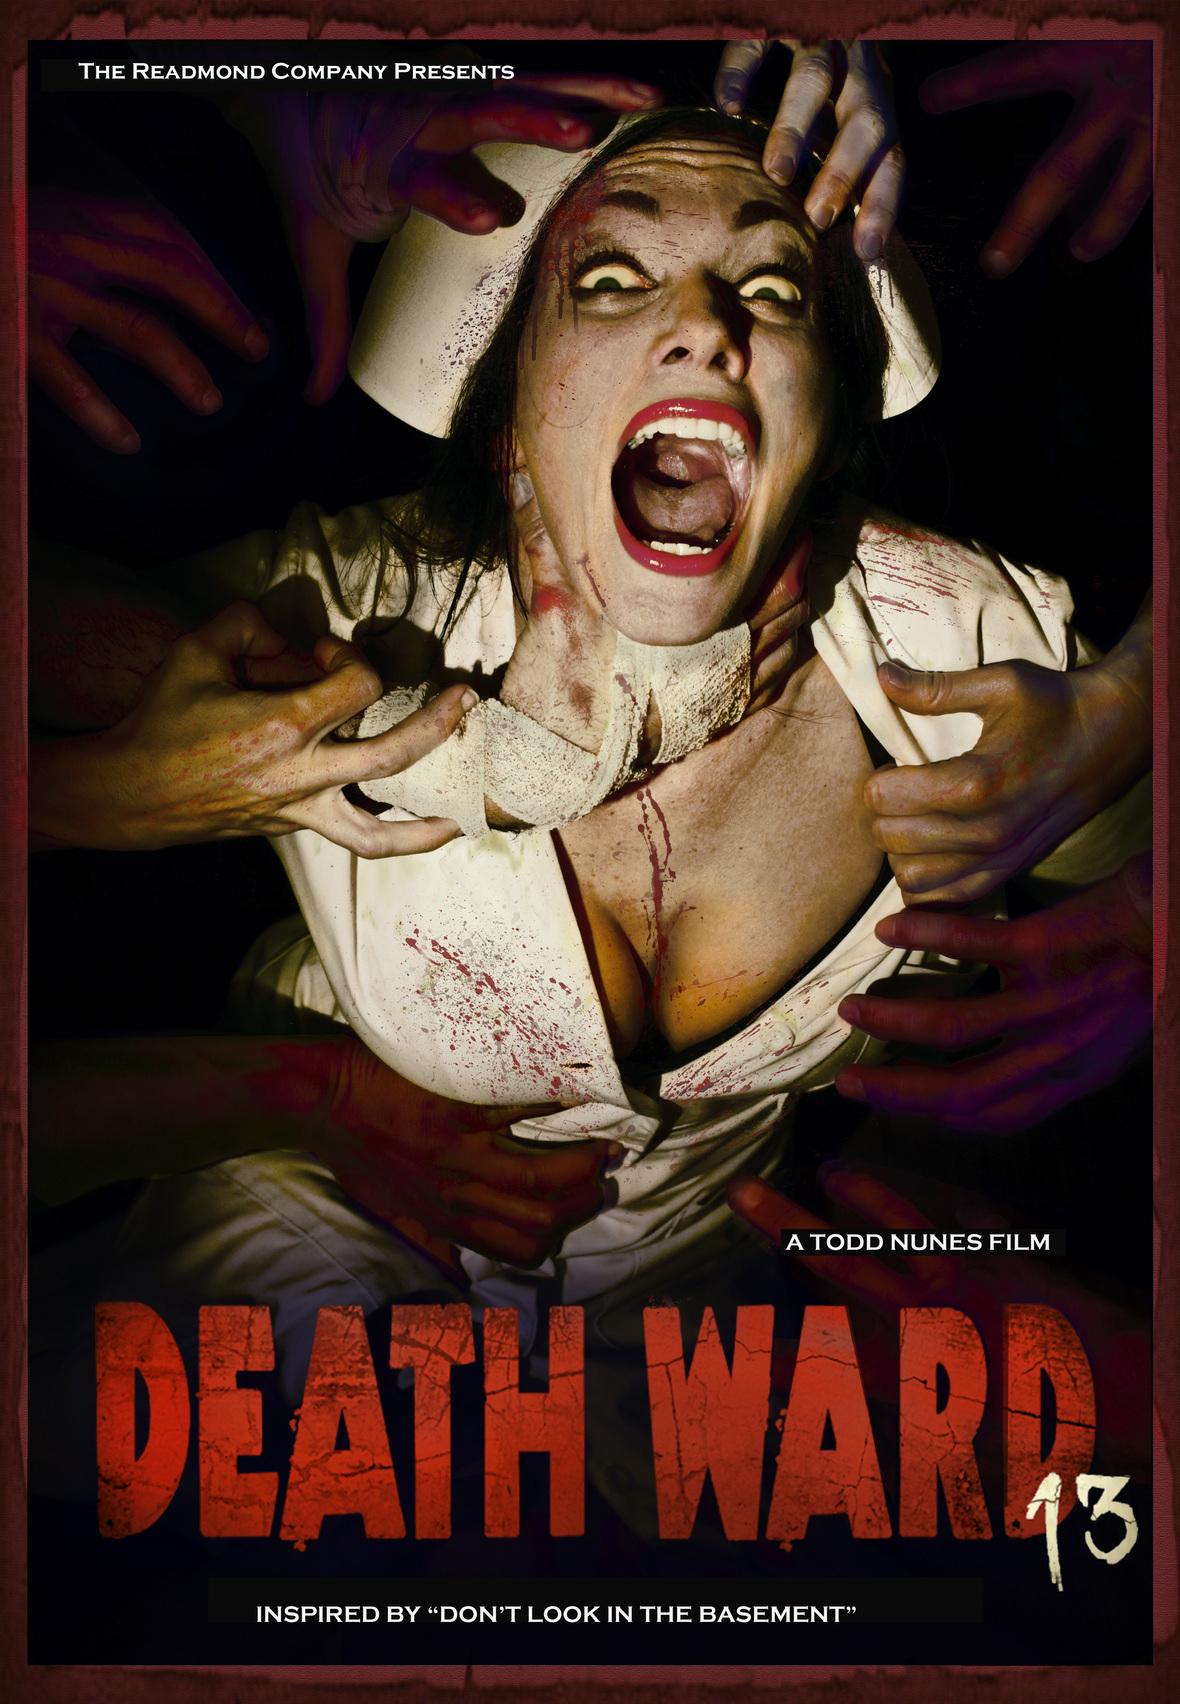 Doyle Wolfgang Von Frankenstein (Misfits) protagonizará una película de terror